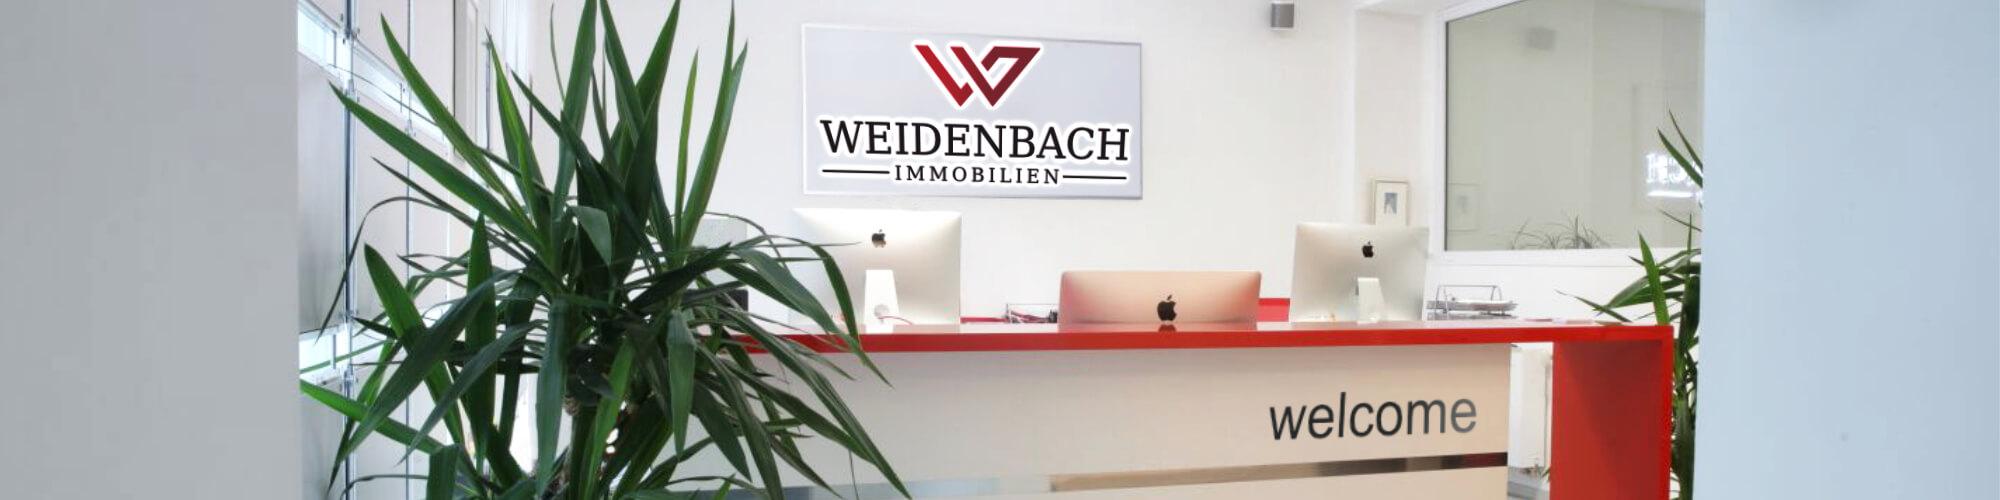 Die Anmeldung von unserem Immobilienbüro in Herne